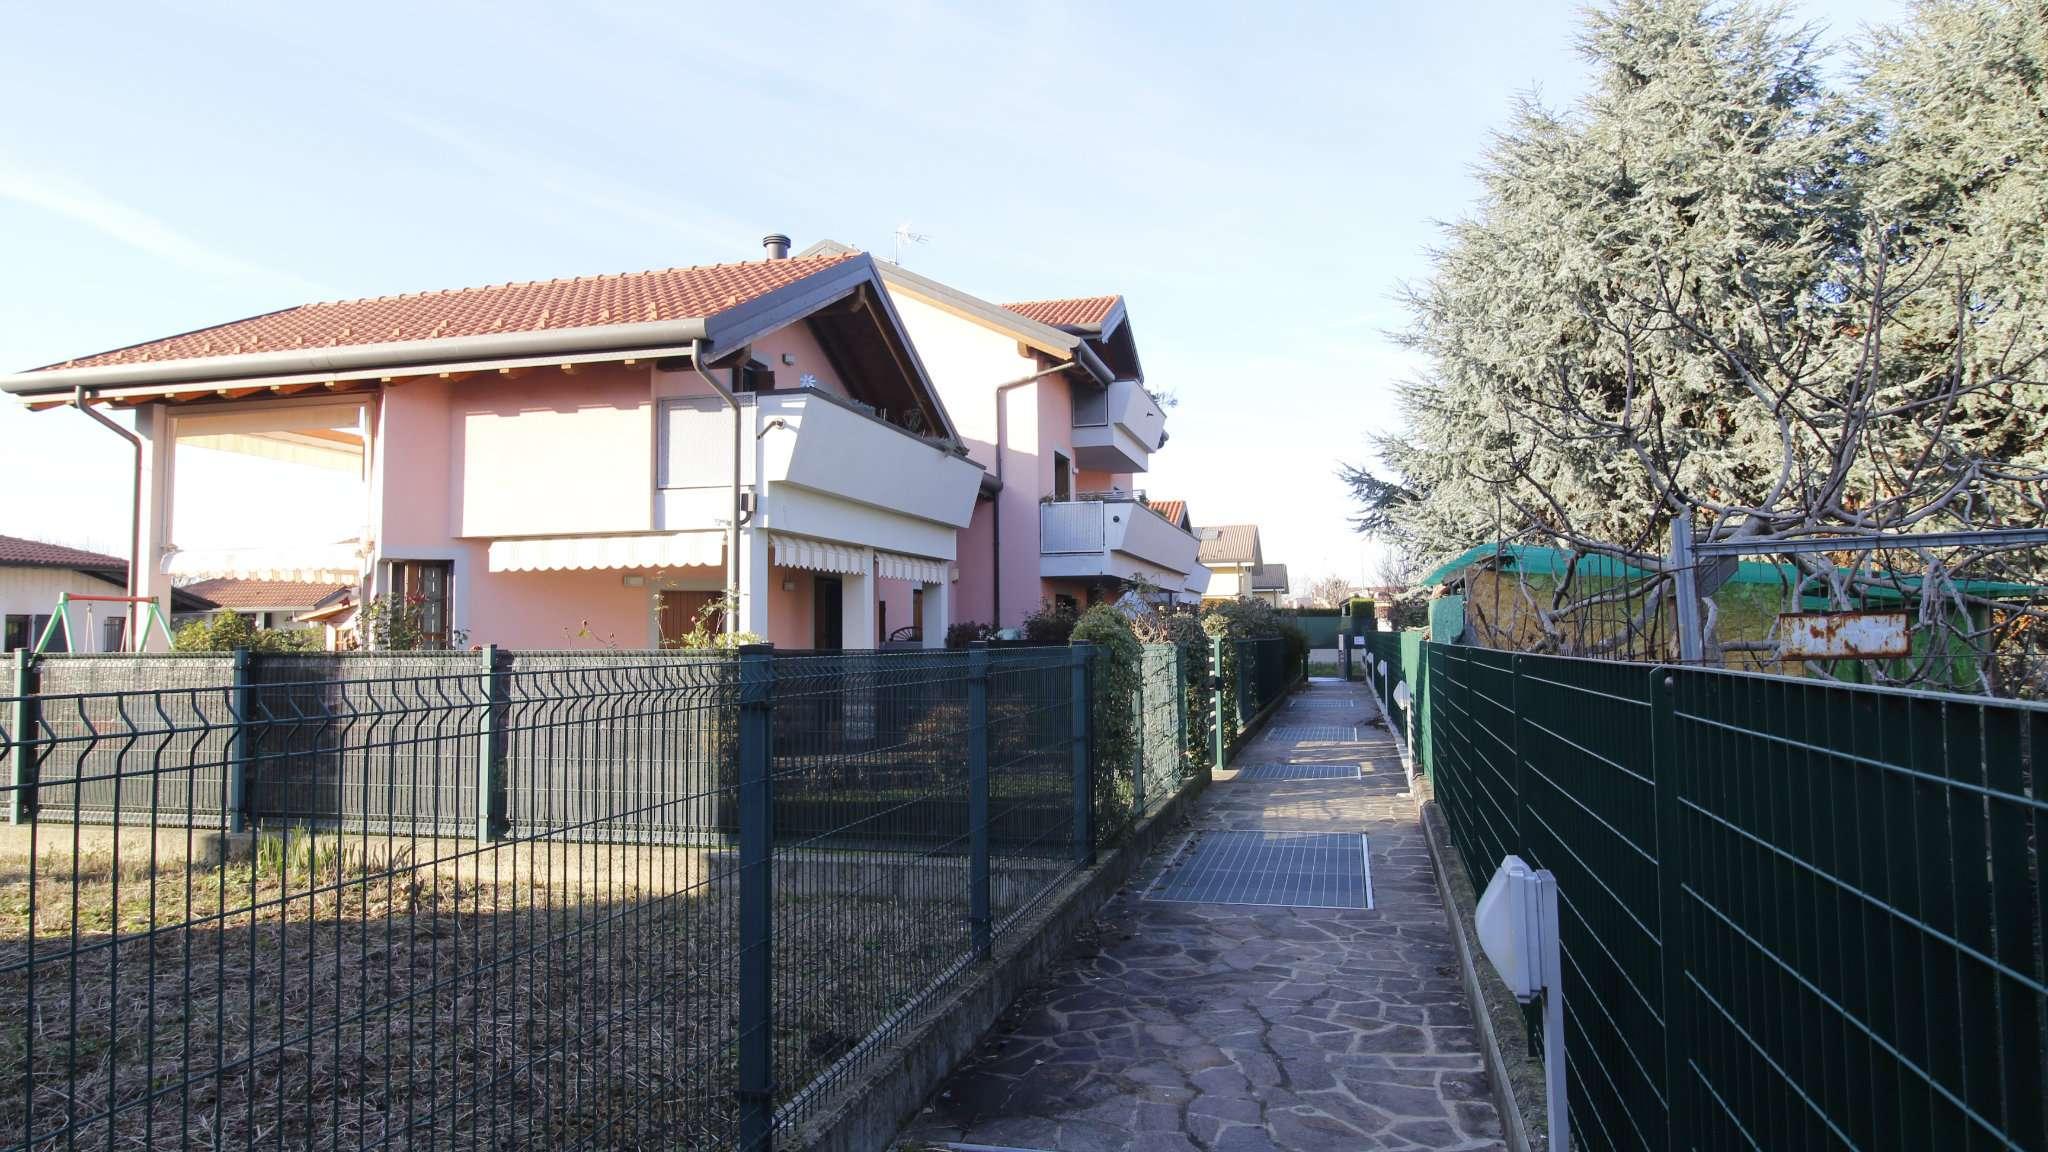 Appartamento in vendita a Cavenago di Brianza, 3 locali, prezzo € 175.000 | CambioCasa.it